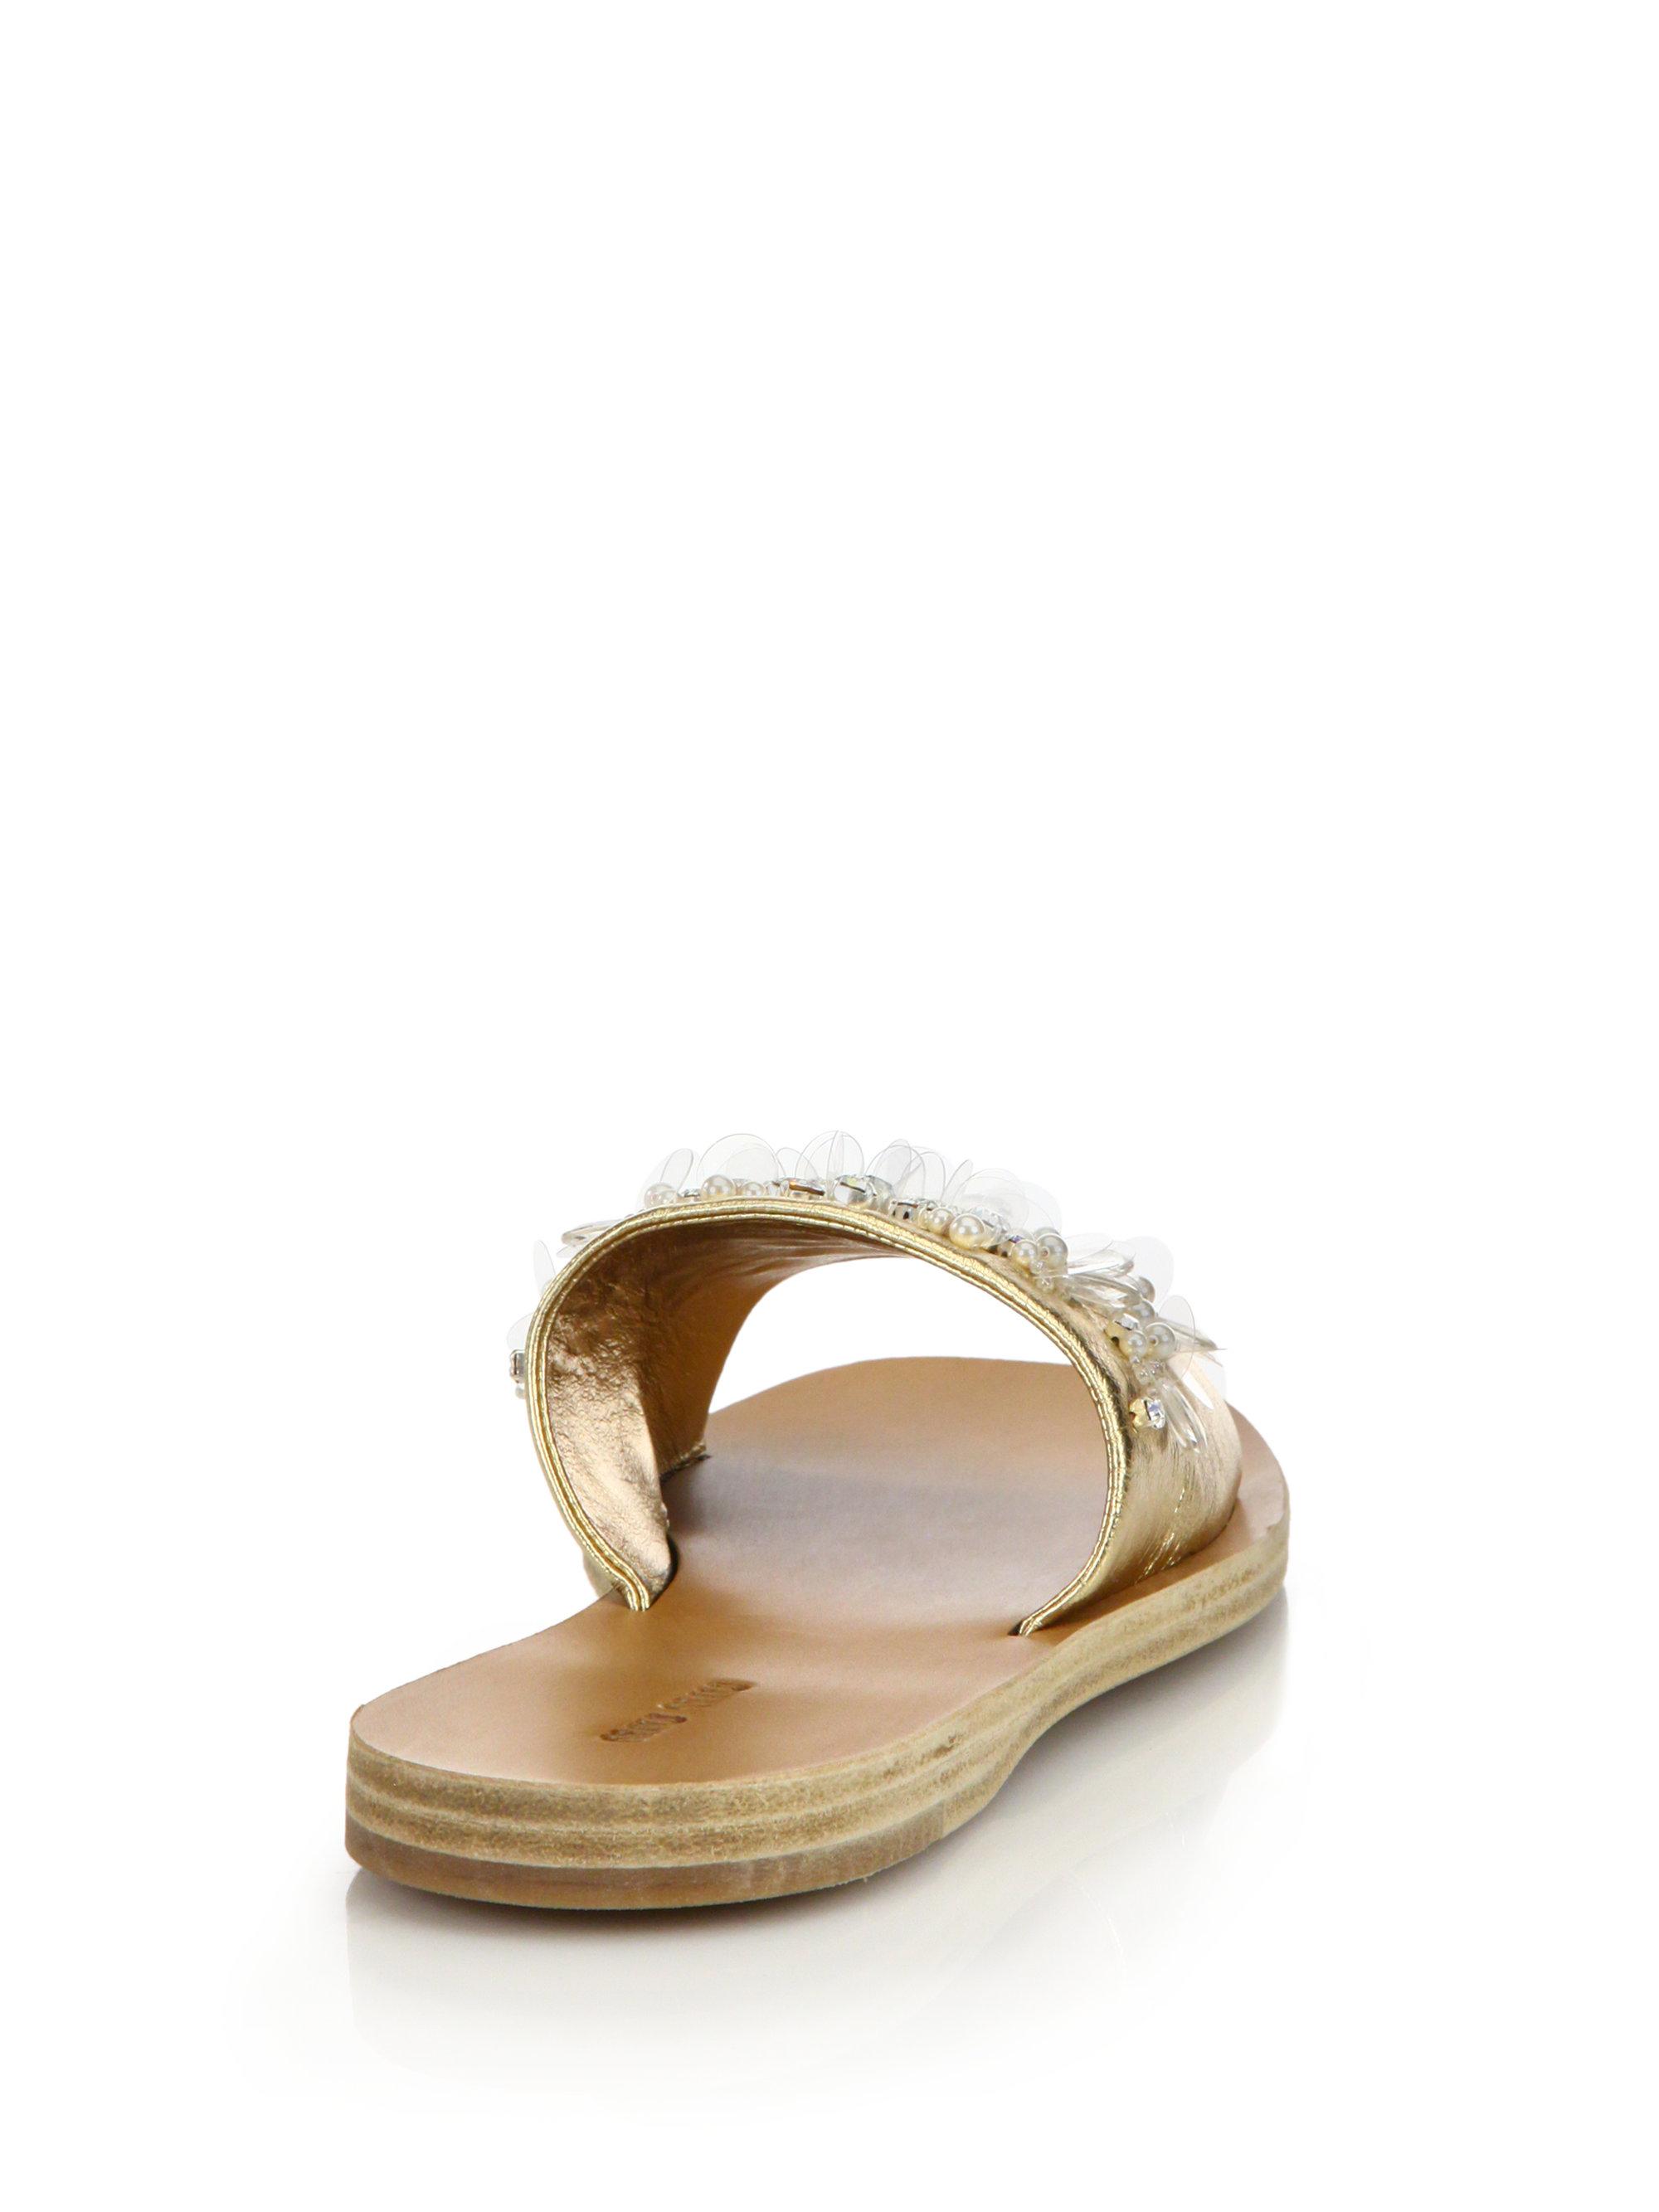 Embellished Metallic Leather Slides - Gold Miu Miu vfp4d3v